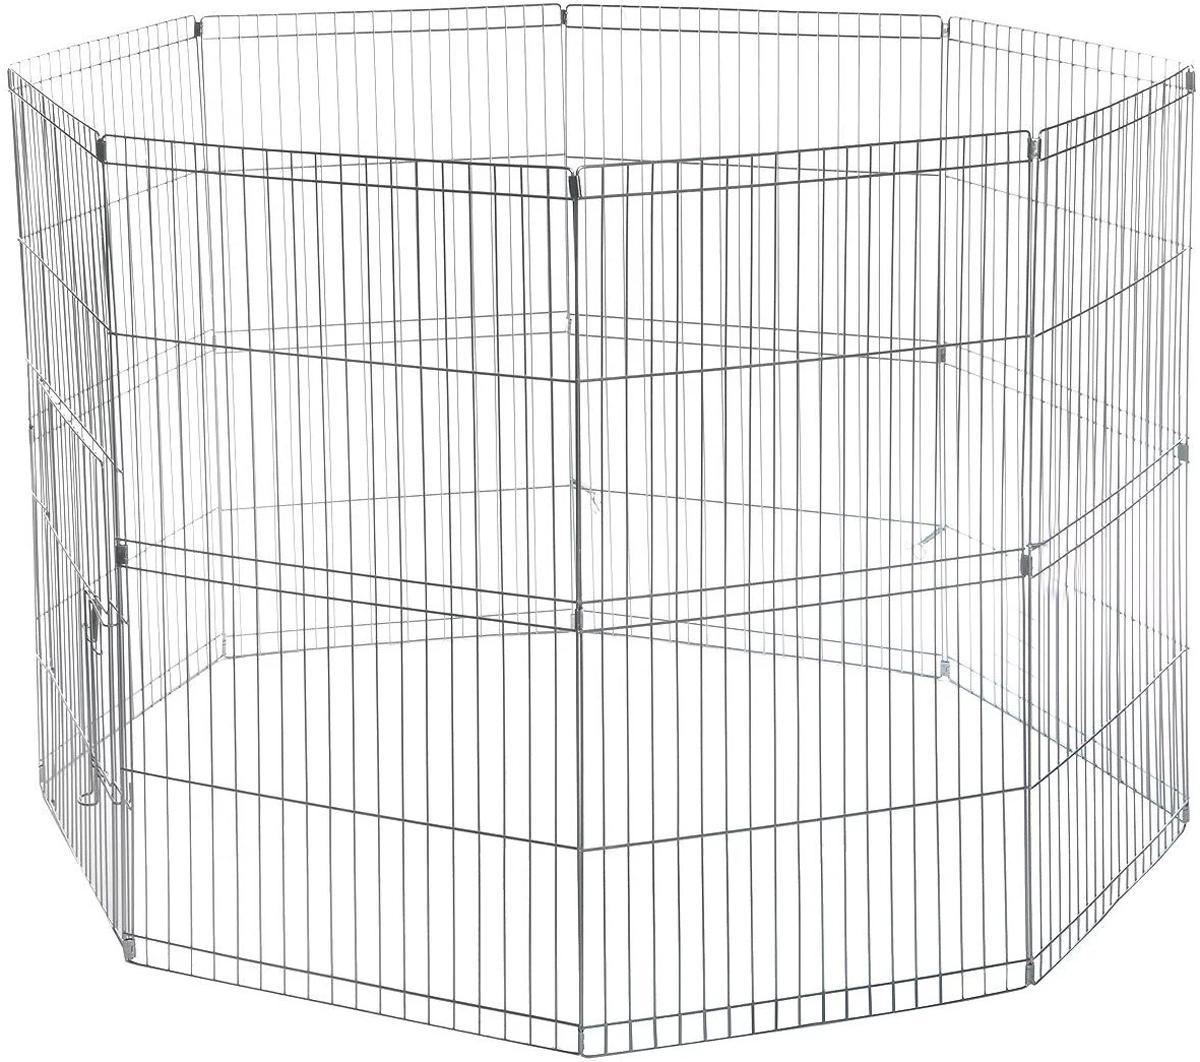 Загон для животных Camon, складной, 8 панелейC174Удобная складная клетка-загон для животных Camon, изготовленная из металла, легко и быстро собирается. Изделие имеет 8 панелей. В сложенном виде такую клетку легко расположить в автомобиле, поезде. Размер 1 секции (Ш х В): 57 х 80 см.